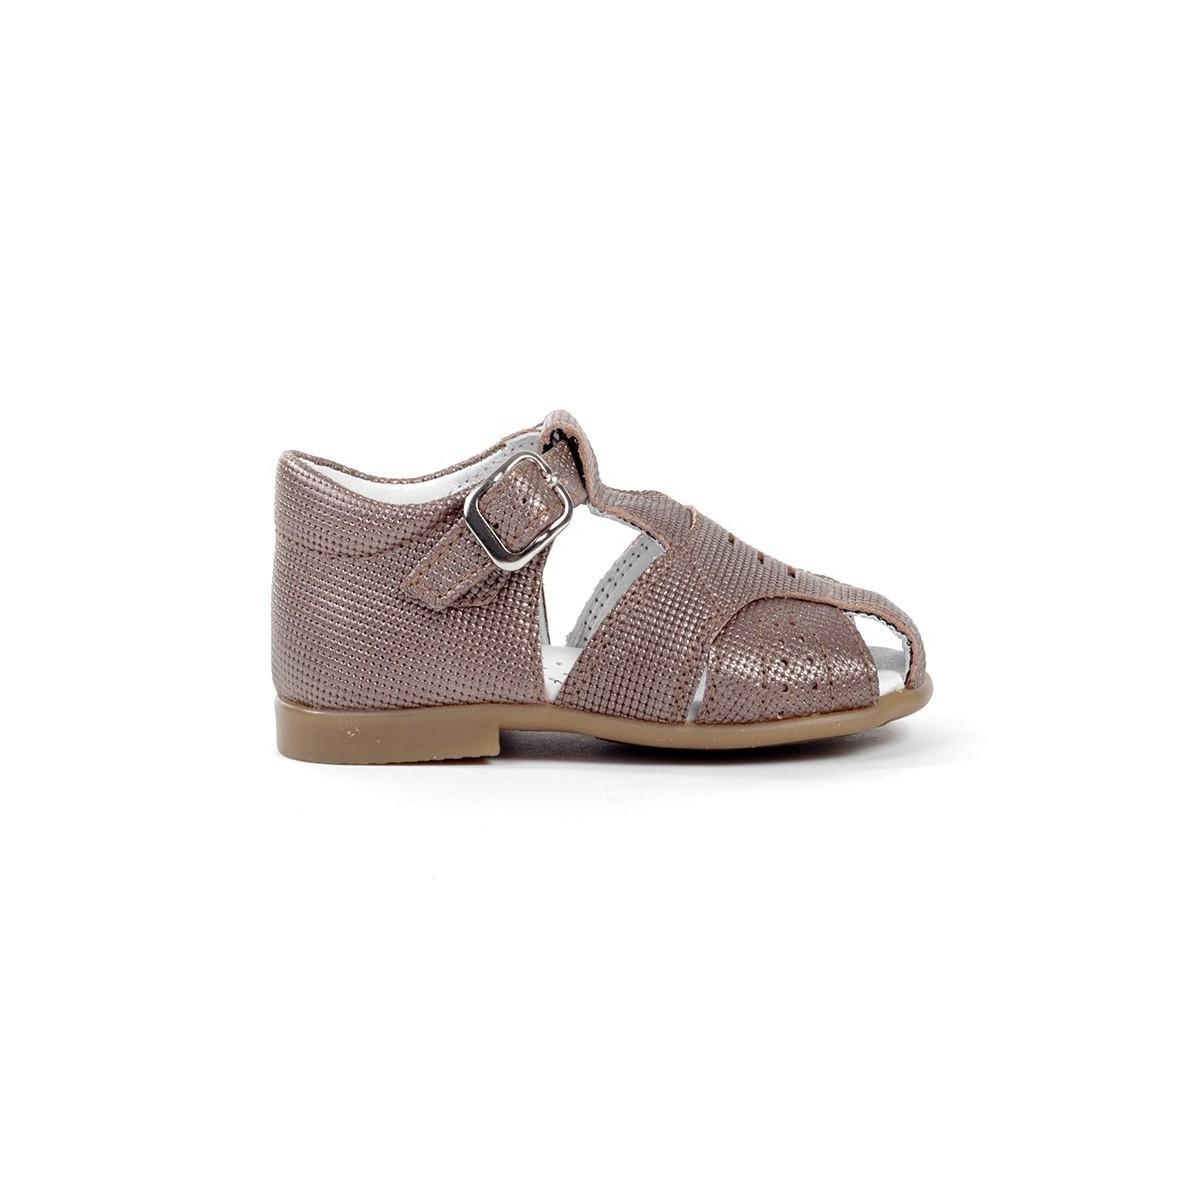 Sandales fermées cuir bronze